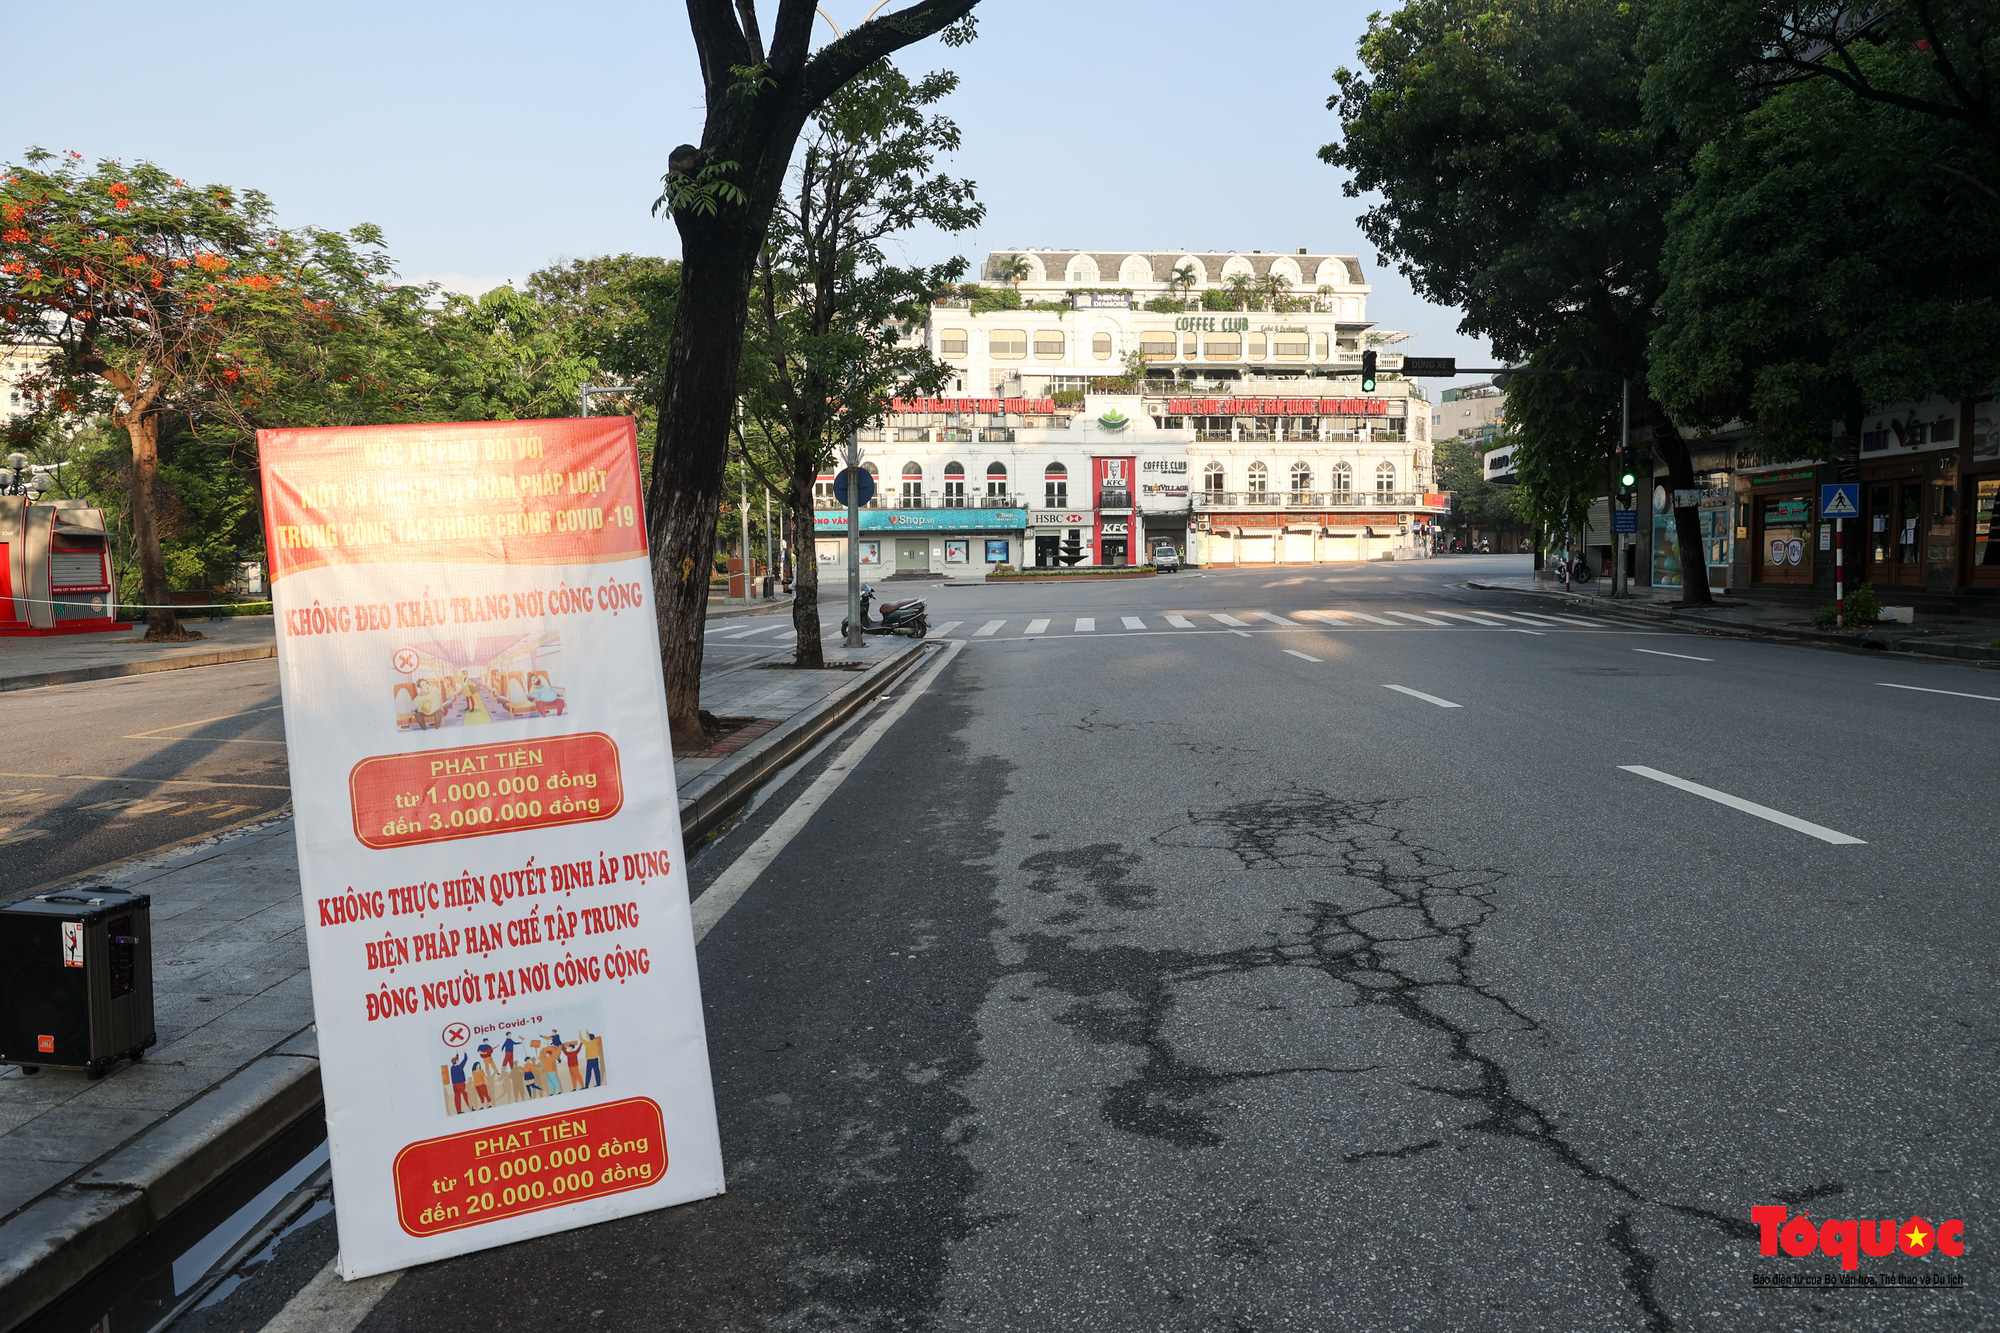 Đường phố Hà Nội vắng vẻ trong ngày đầu thực hiện giãn cách toàn xã hội - Ảnh 7.